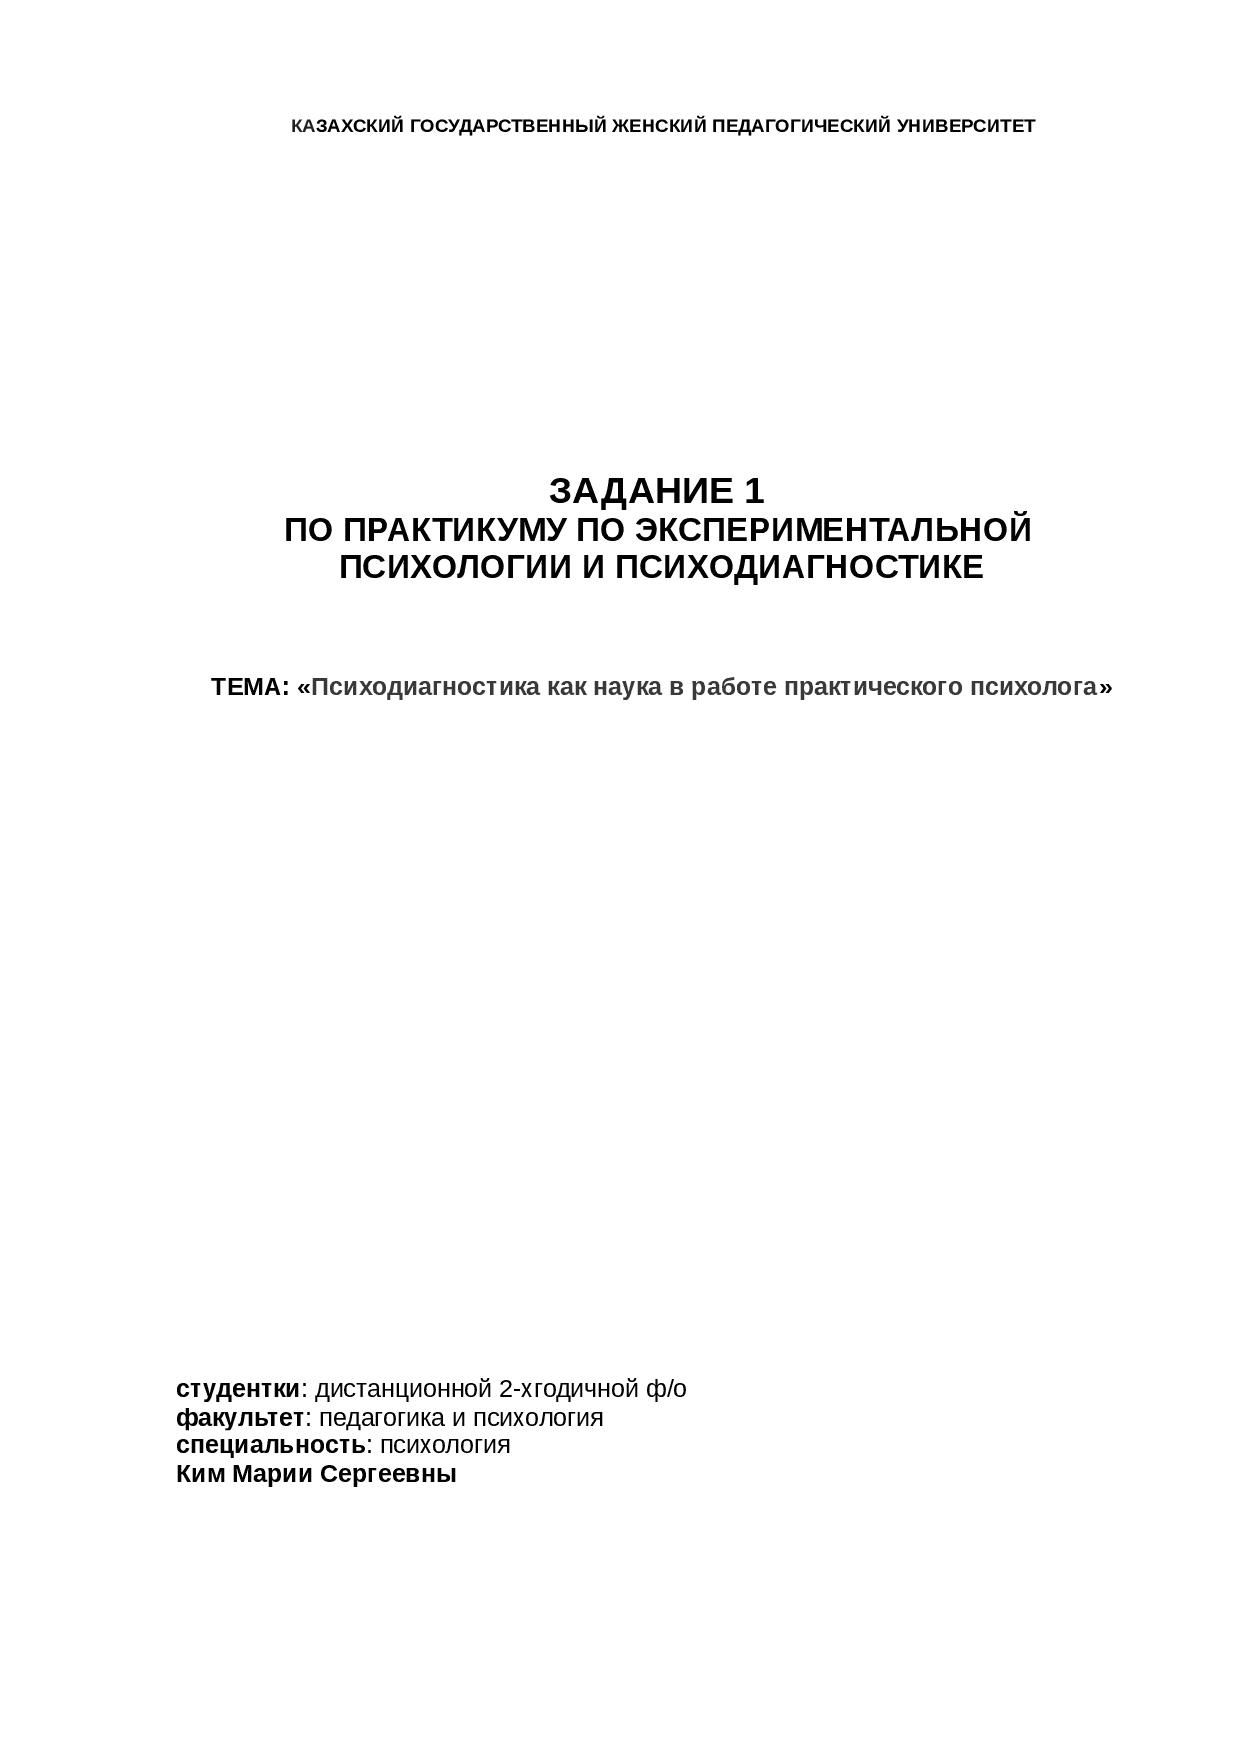 Список классических экспериментов в психологии — википедия переиздание // wiki 2